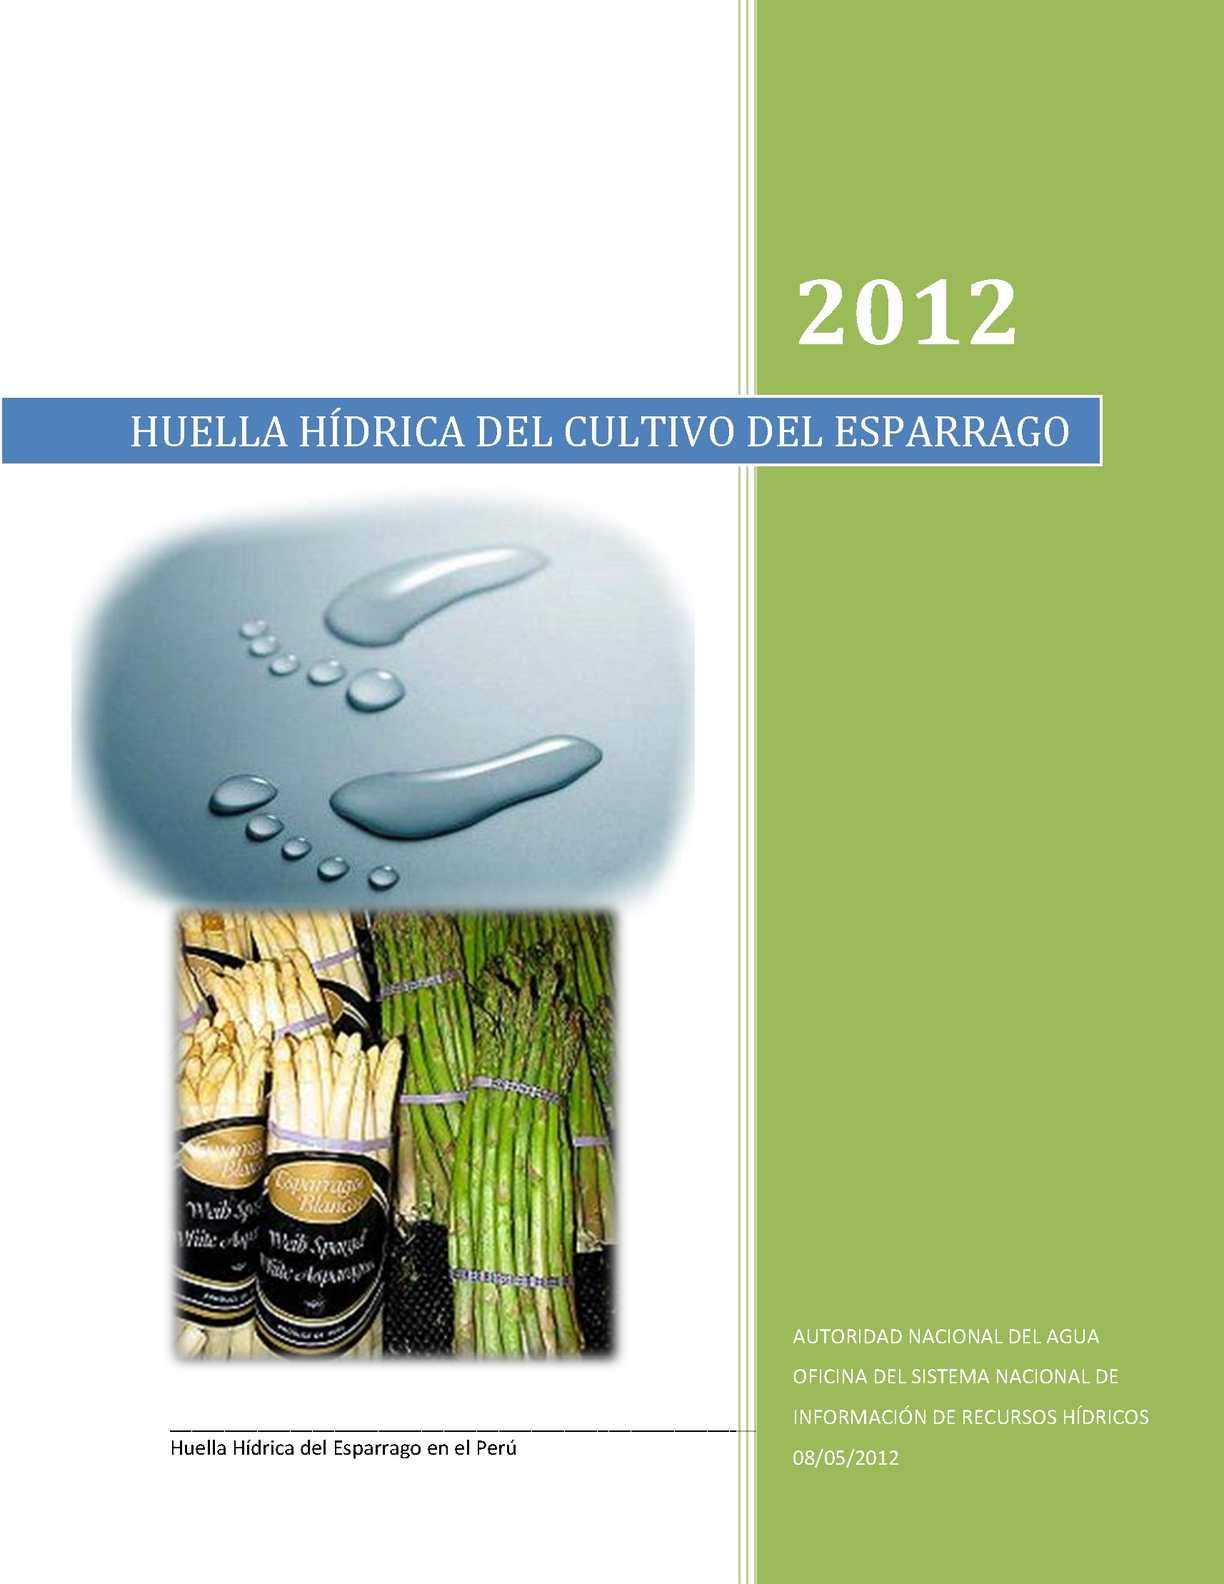 HUELLA HÍDRICA DEL ESPARRAGO EN EL PERU 2012